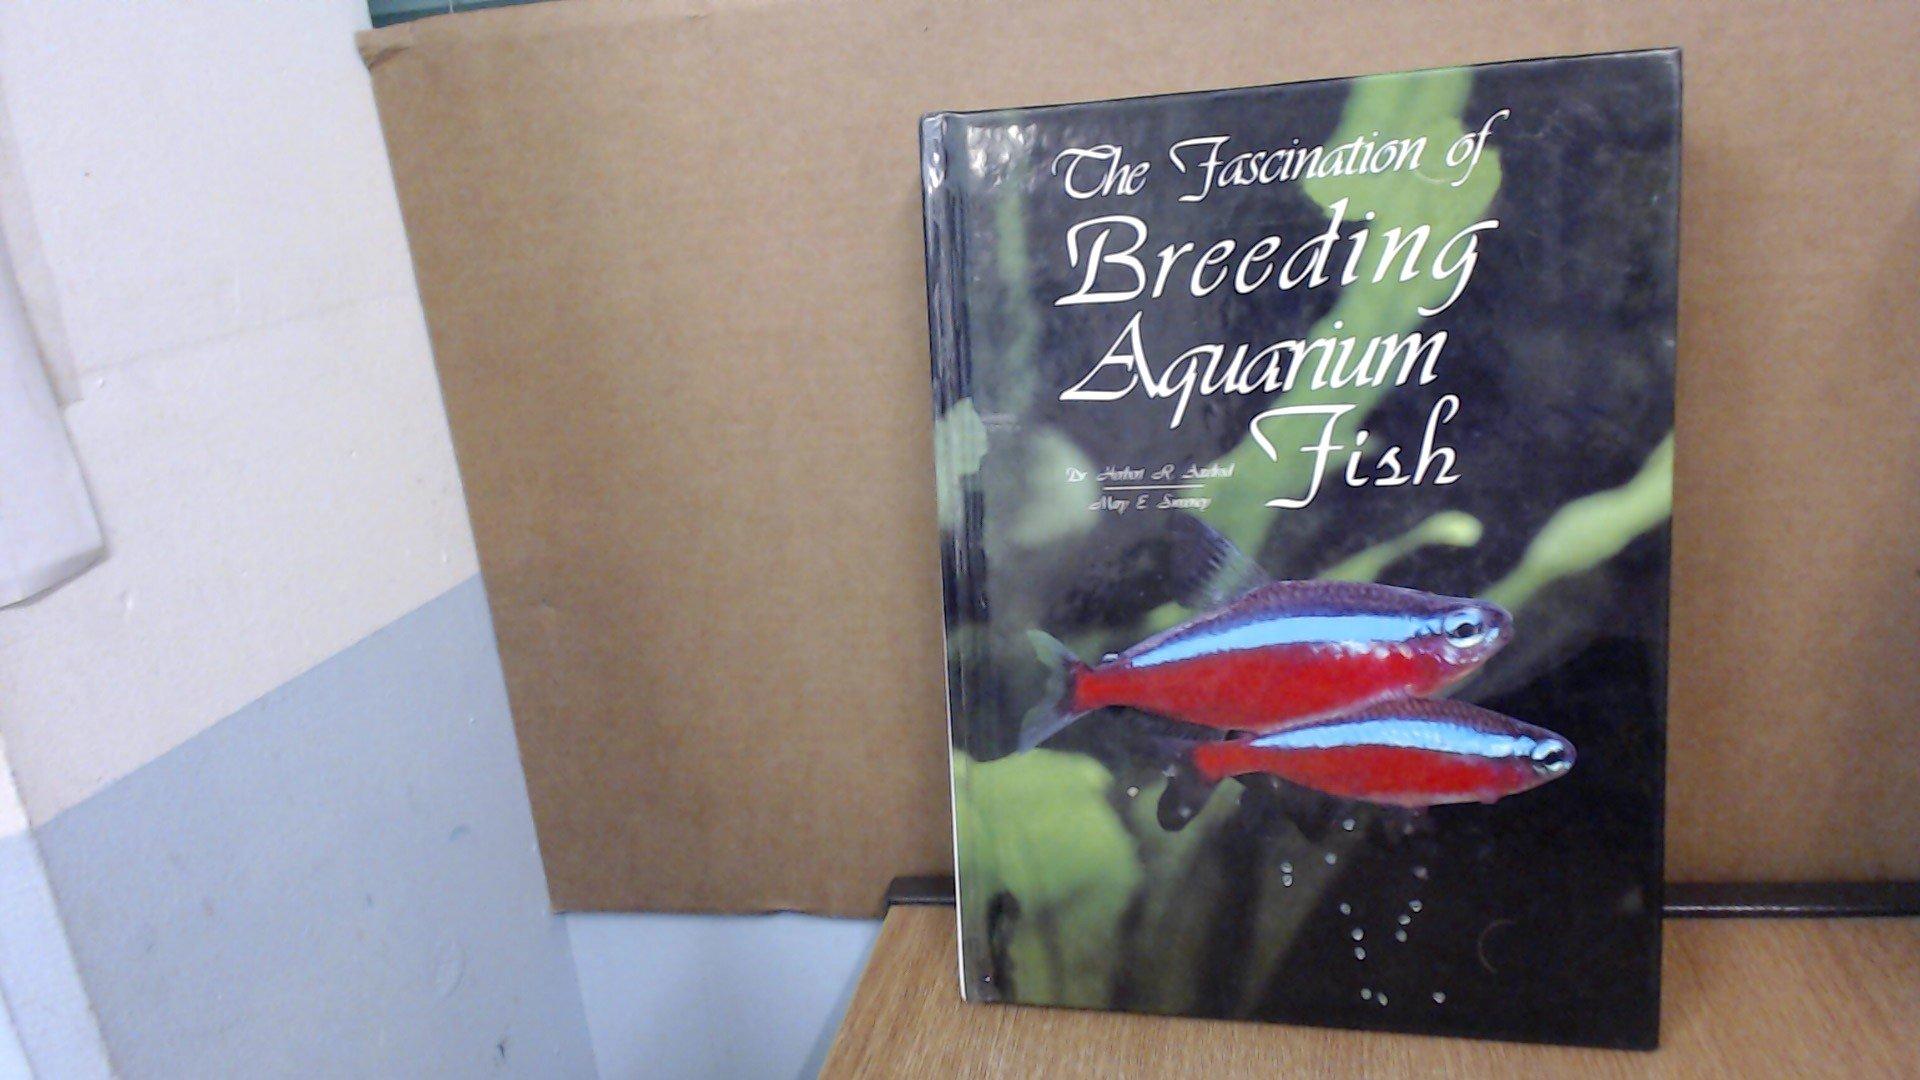 The Fascination of Breeding Aquarium Fish